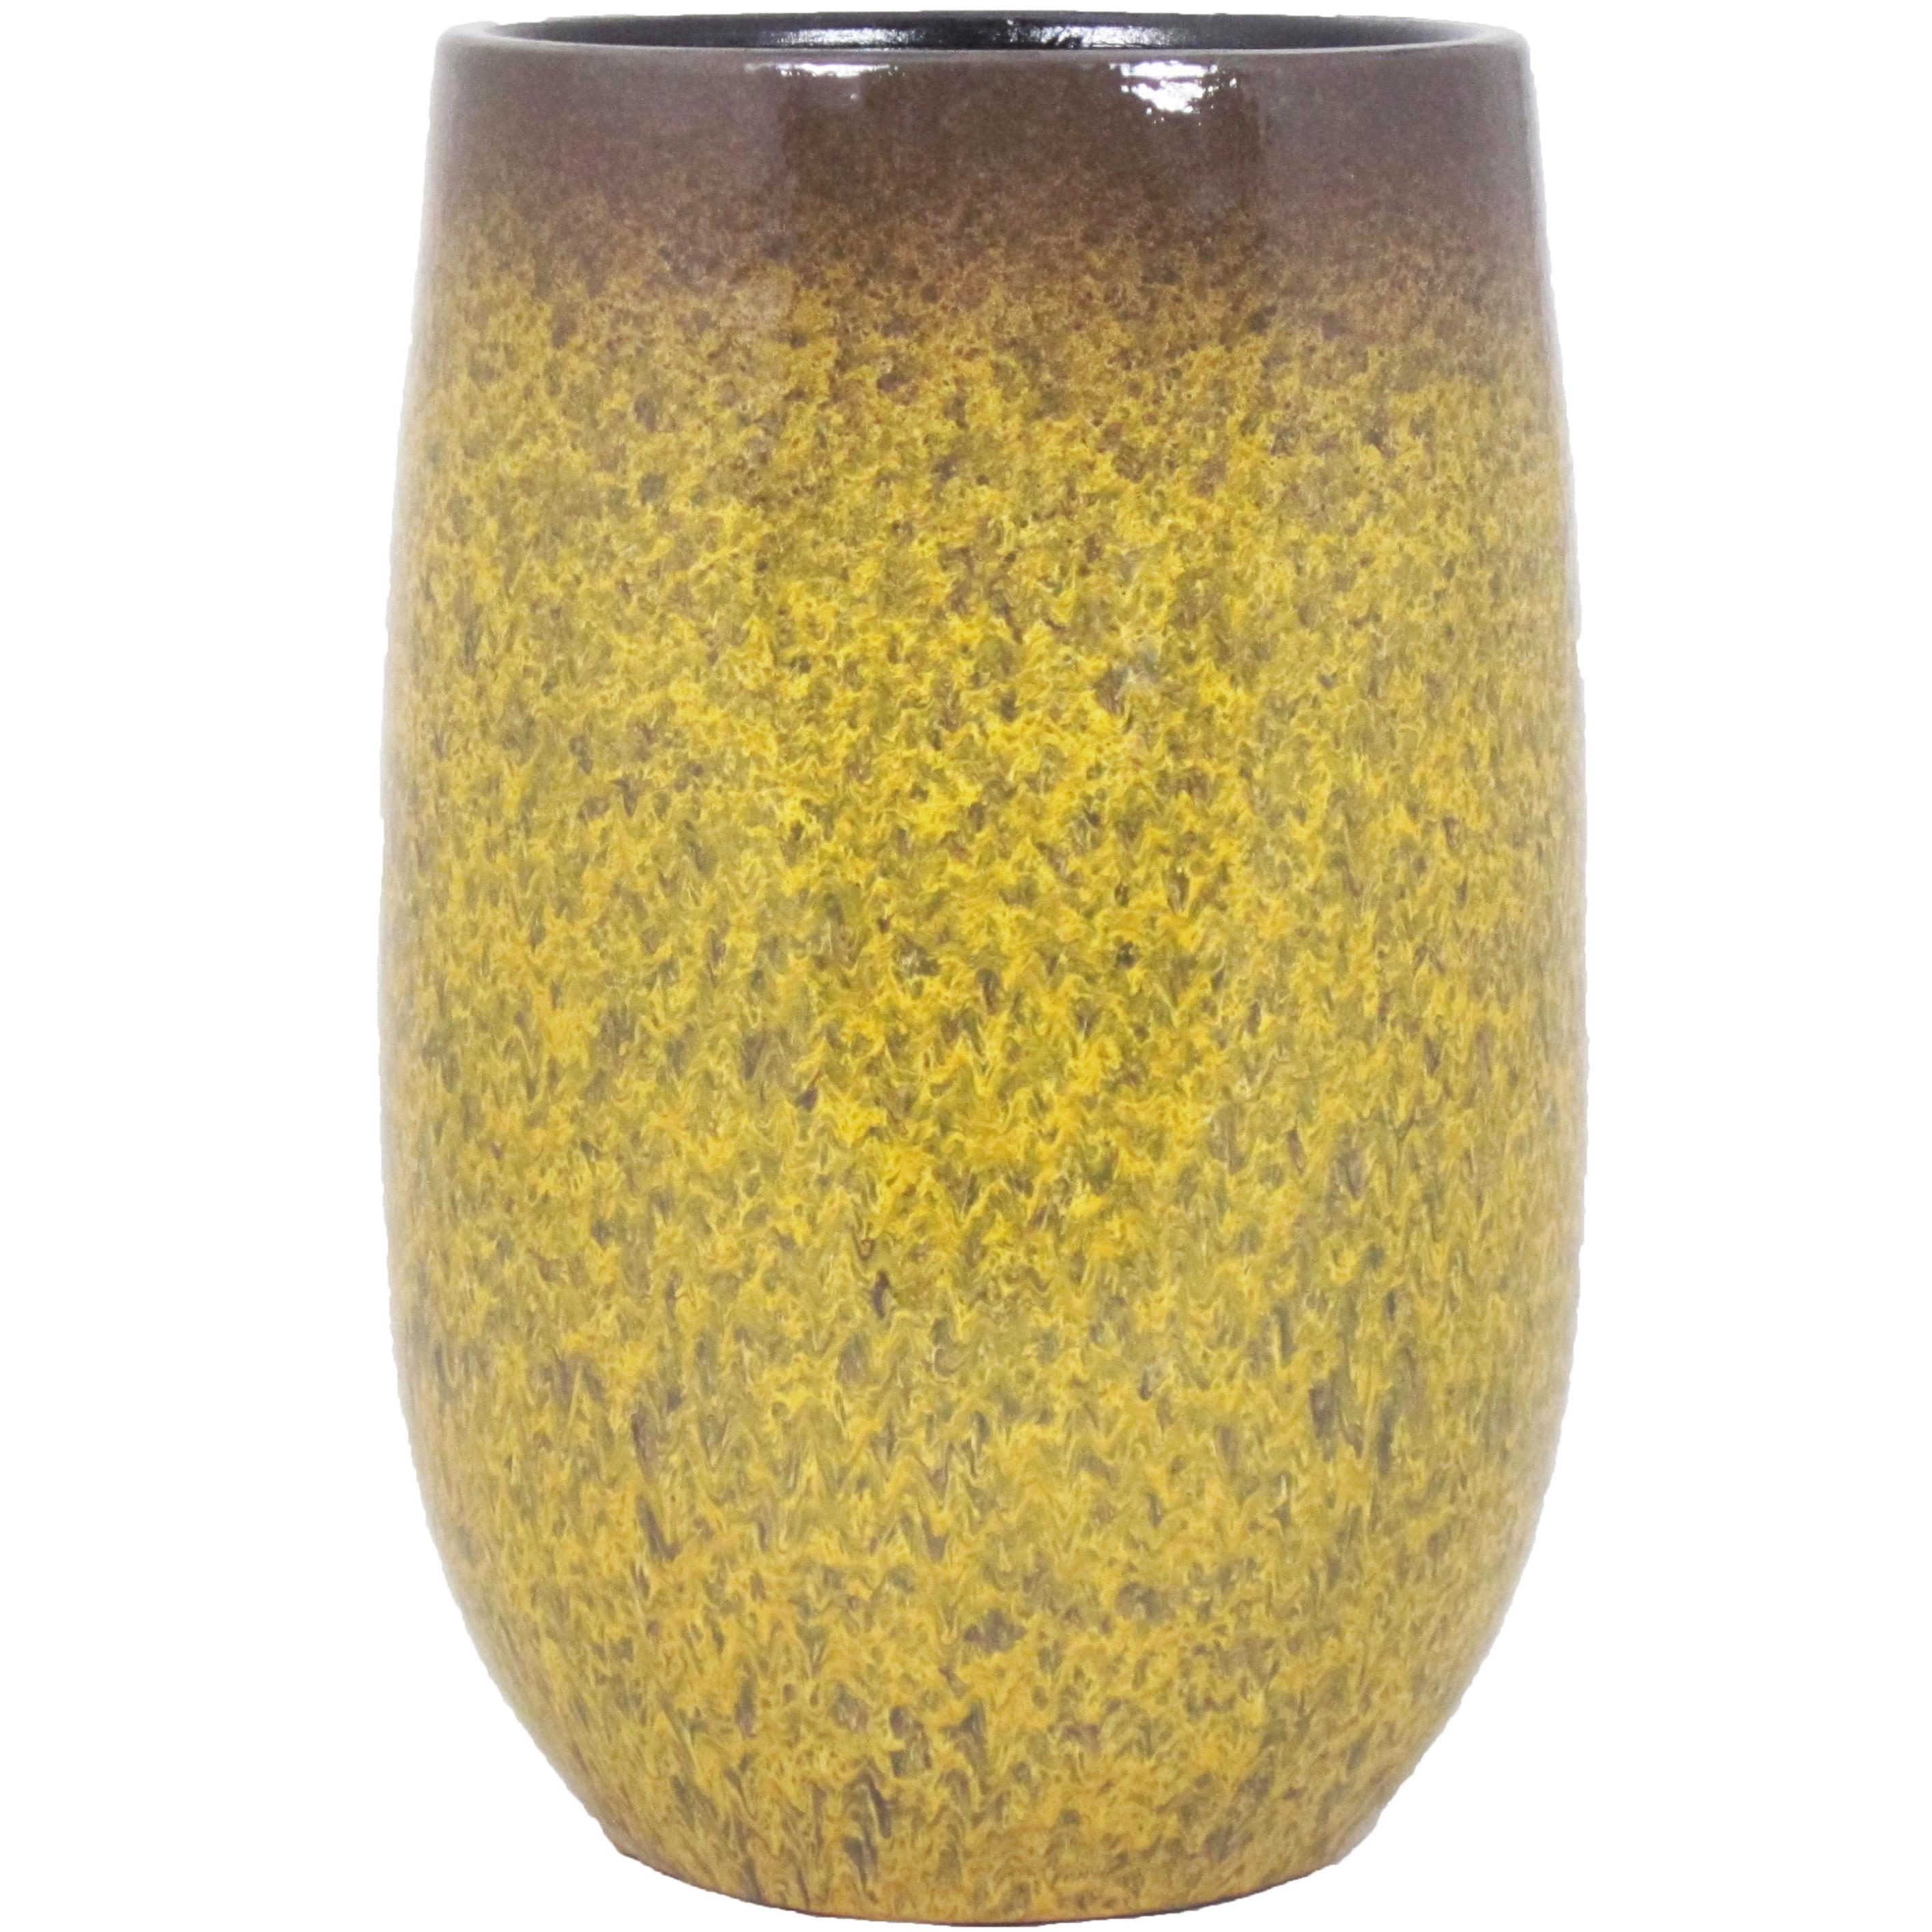 Bloempot vaas goud geel flakes keramiek voor bloemen-planten H40 x D22 cm